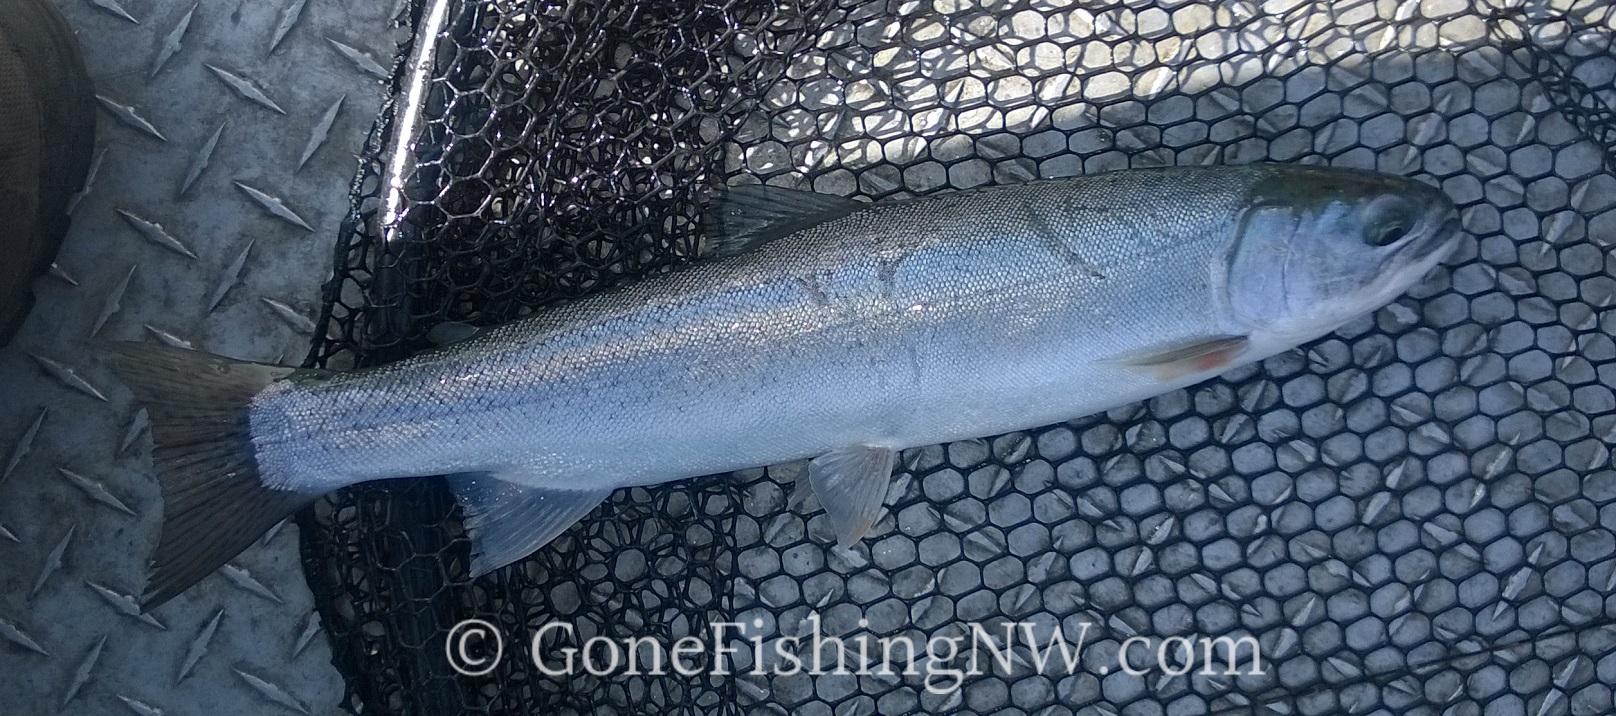 Lake sammamish fishing report gone fishing nw for Lake sammamish fishing